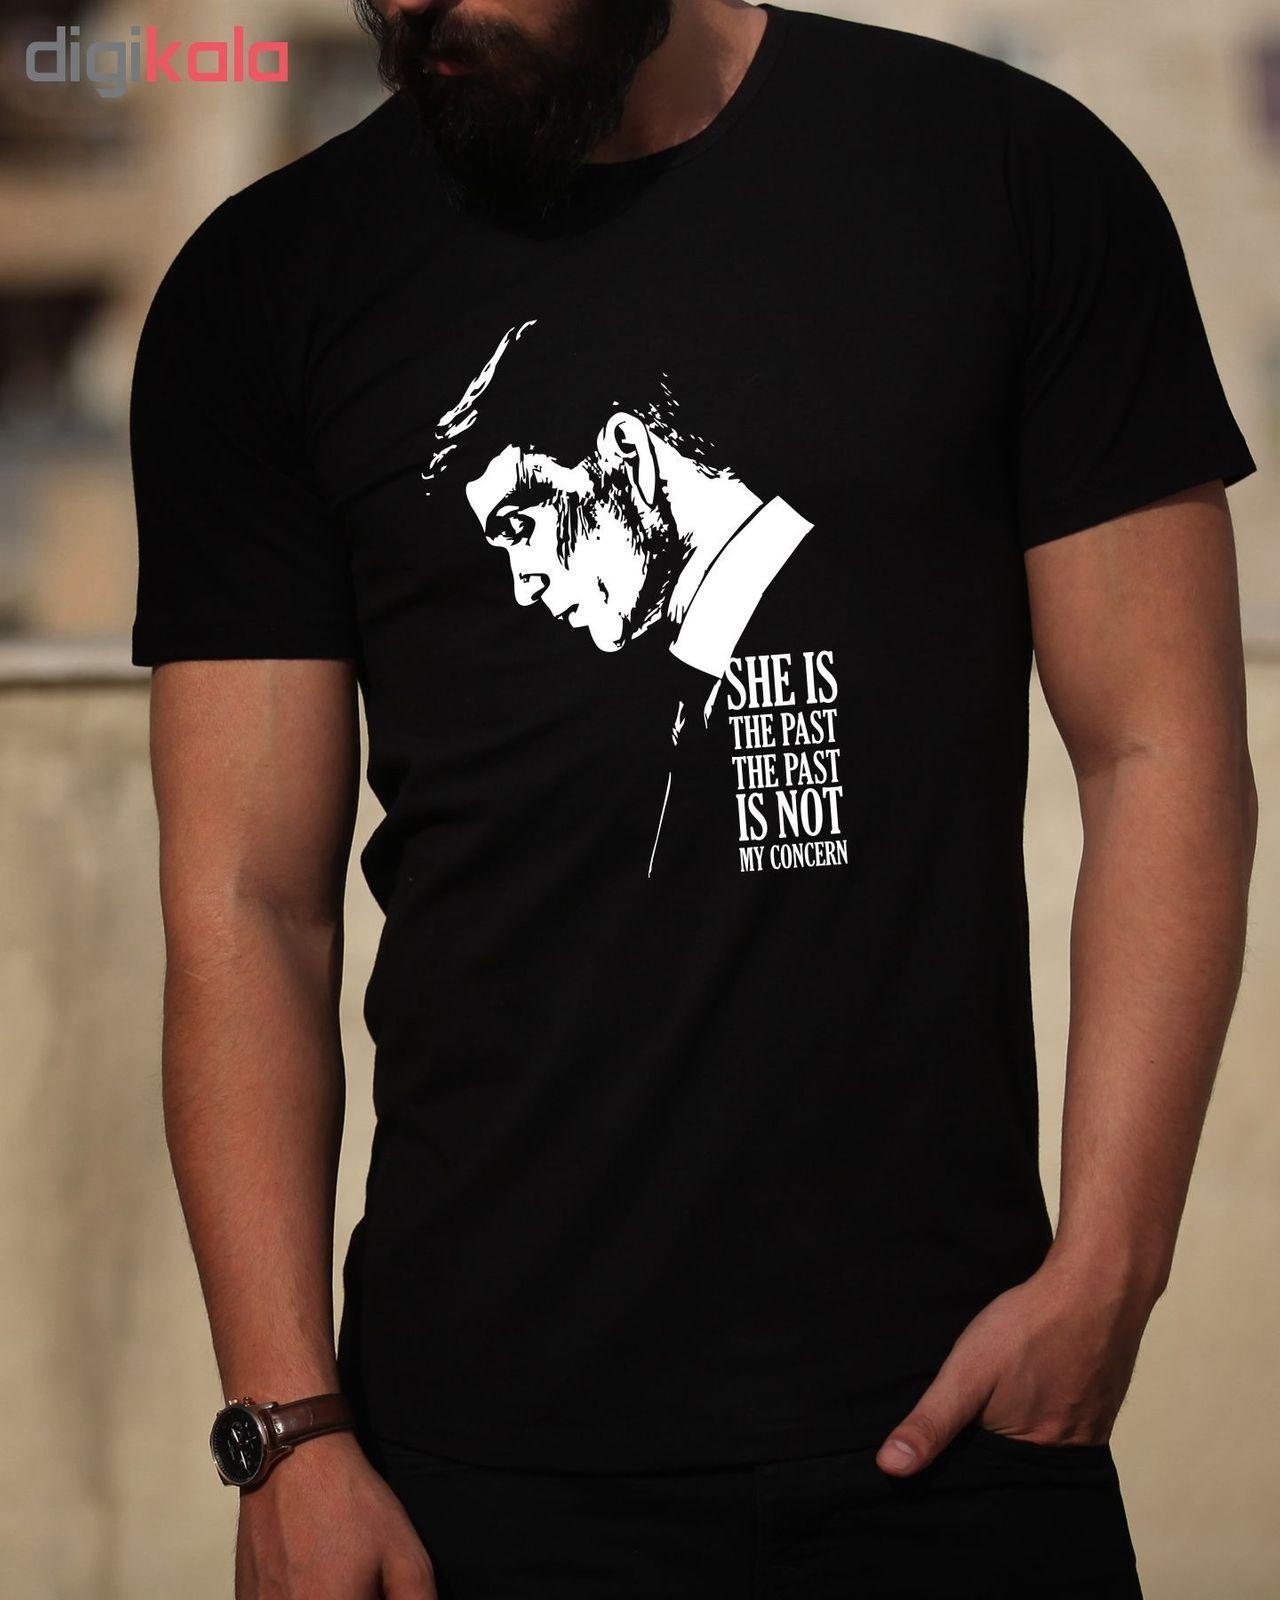 تی شرت مردانه طرح پیکی بلایندرز کد 34338 main 1 1